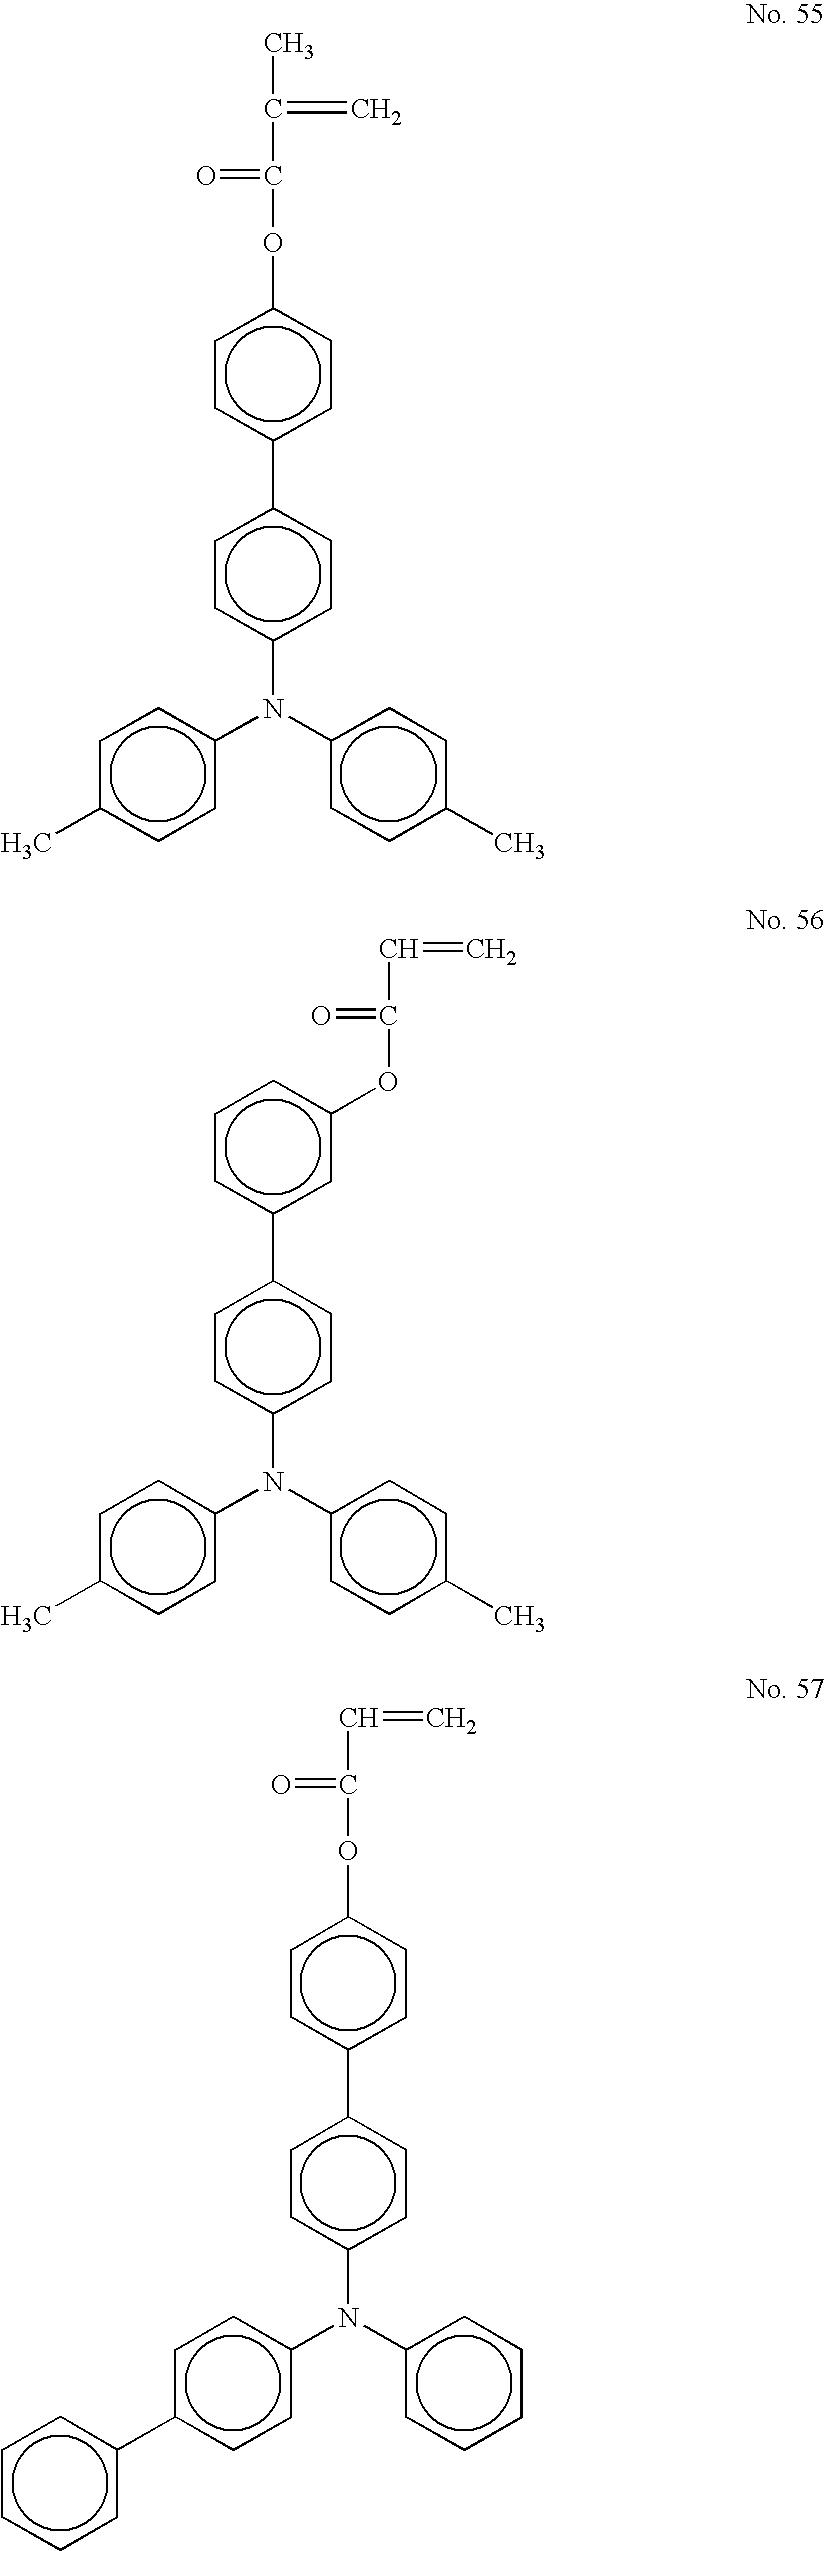 Figure US07361438-20080422-C00026